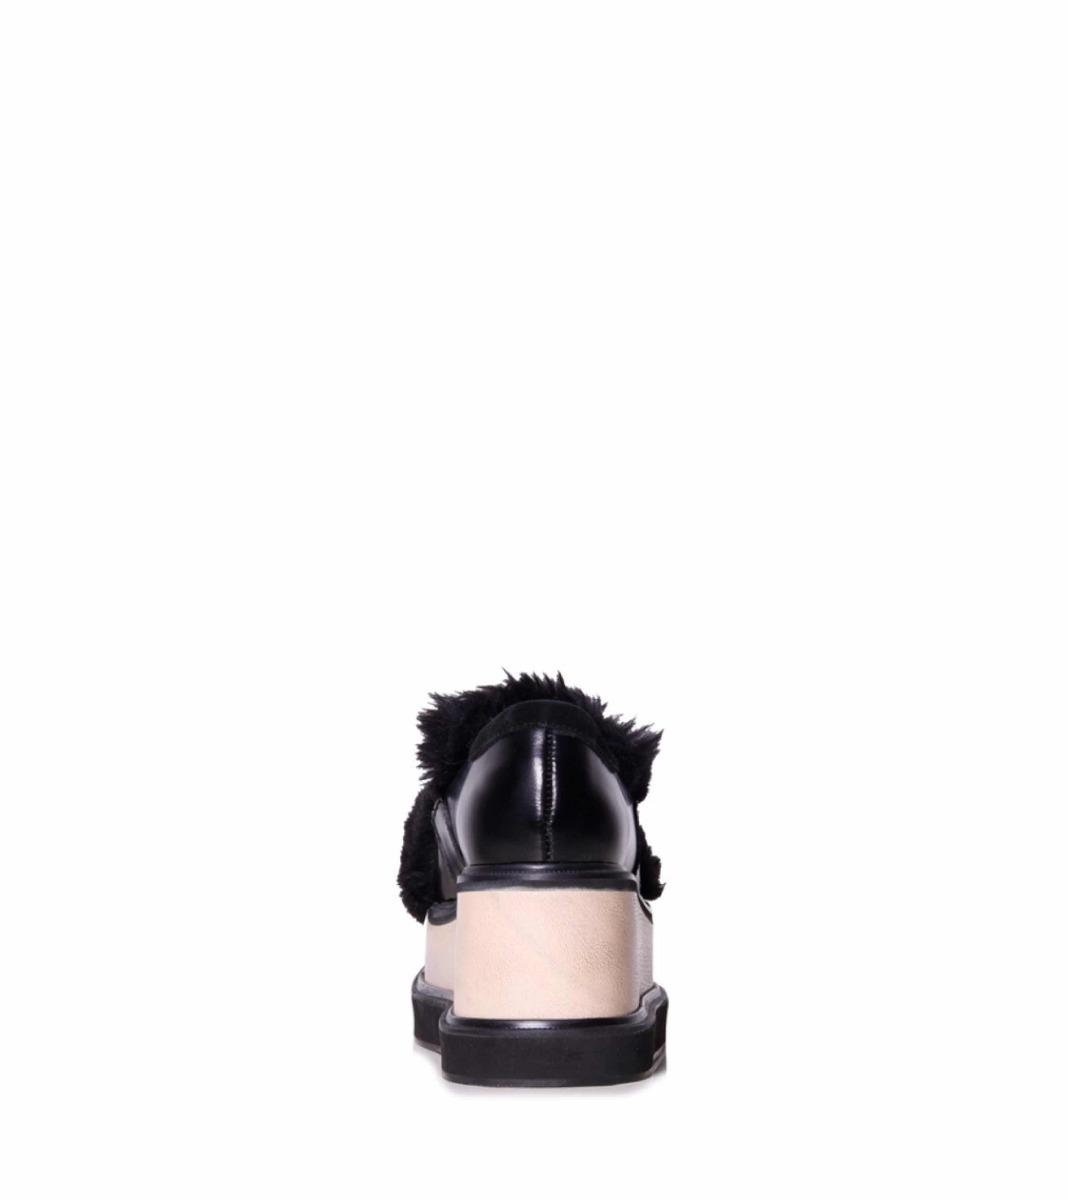 Cargando zoom... zapatos ricky sarkany zuecos vinci (moda ... ef6a87d04c1